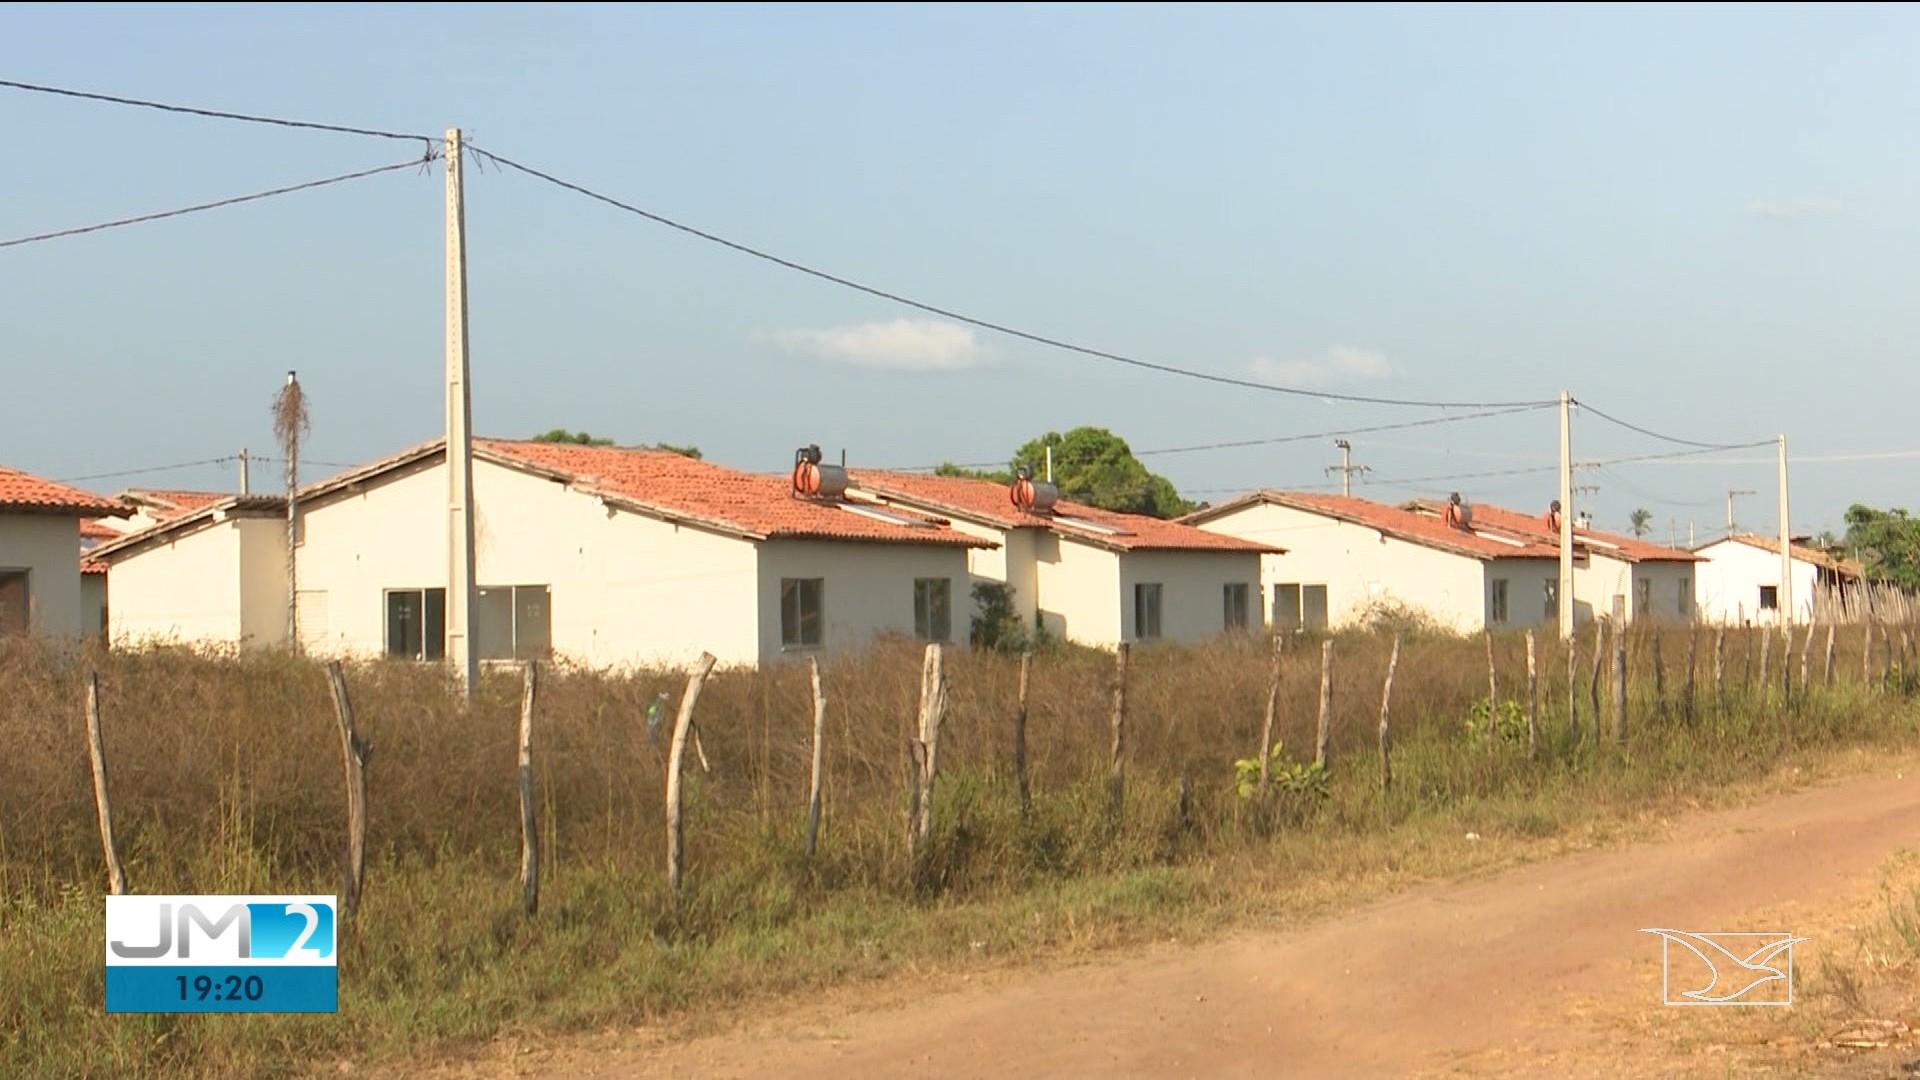 Famílias denunciam abandono de casas do 'Minha Casa, Minha Vida' em Zé Doca, no MA - Notícias - Plantão Diário